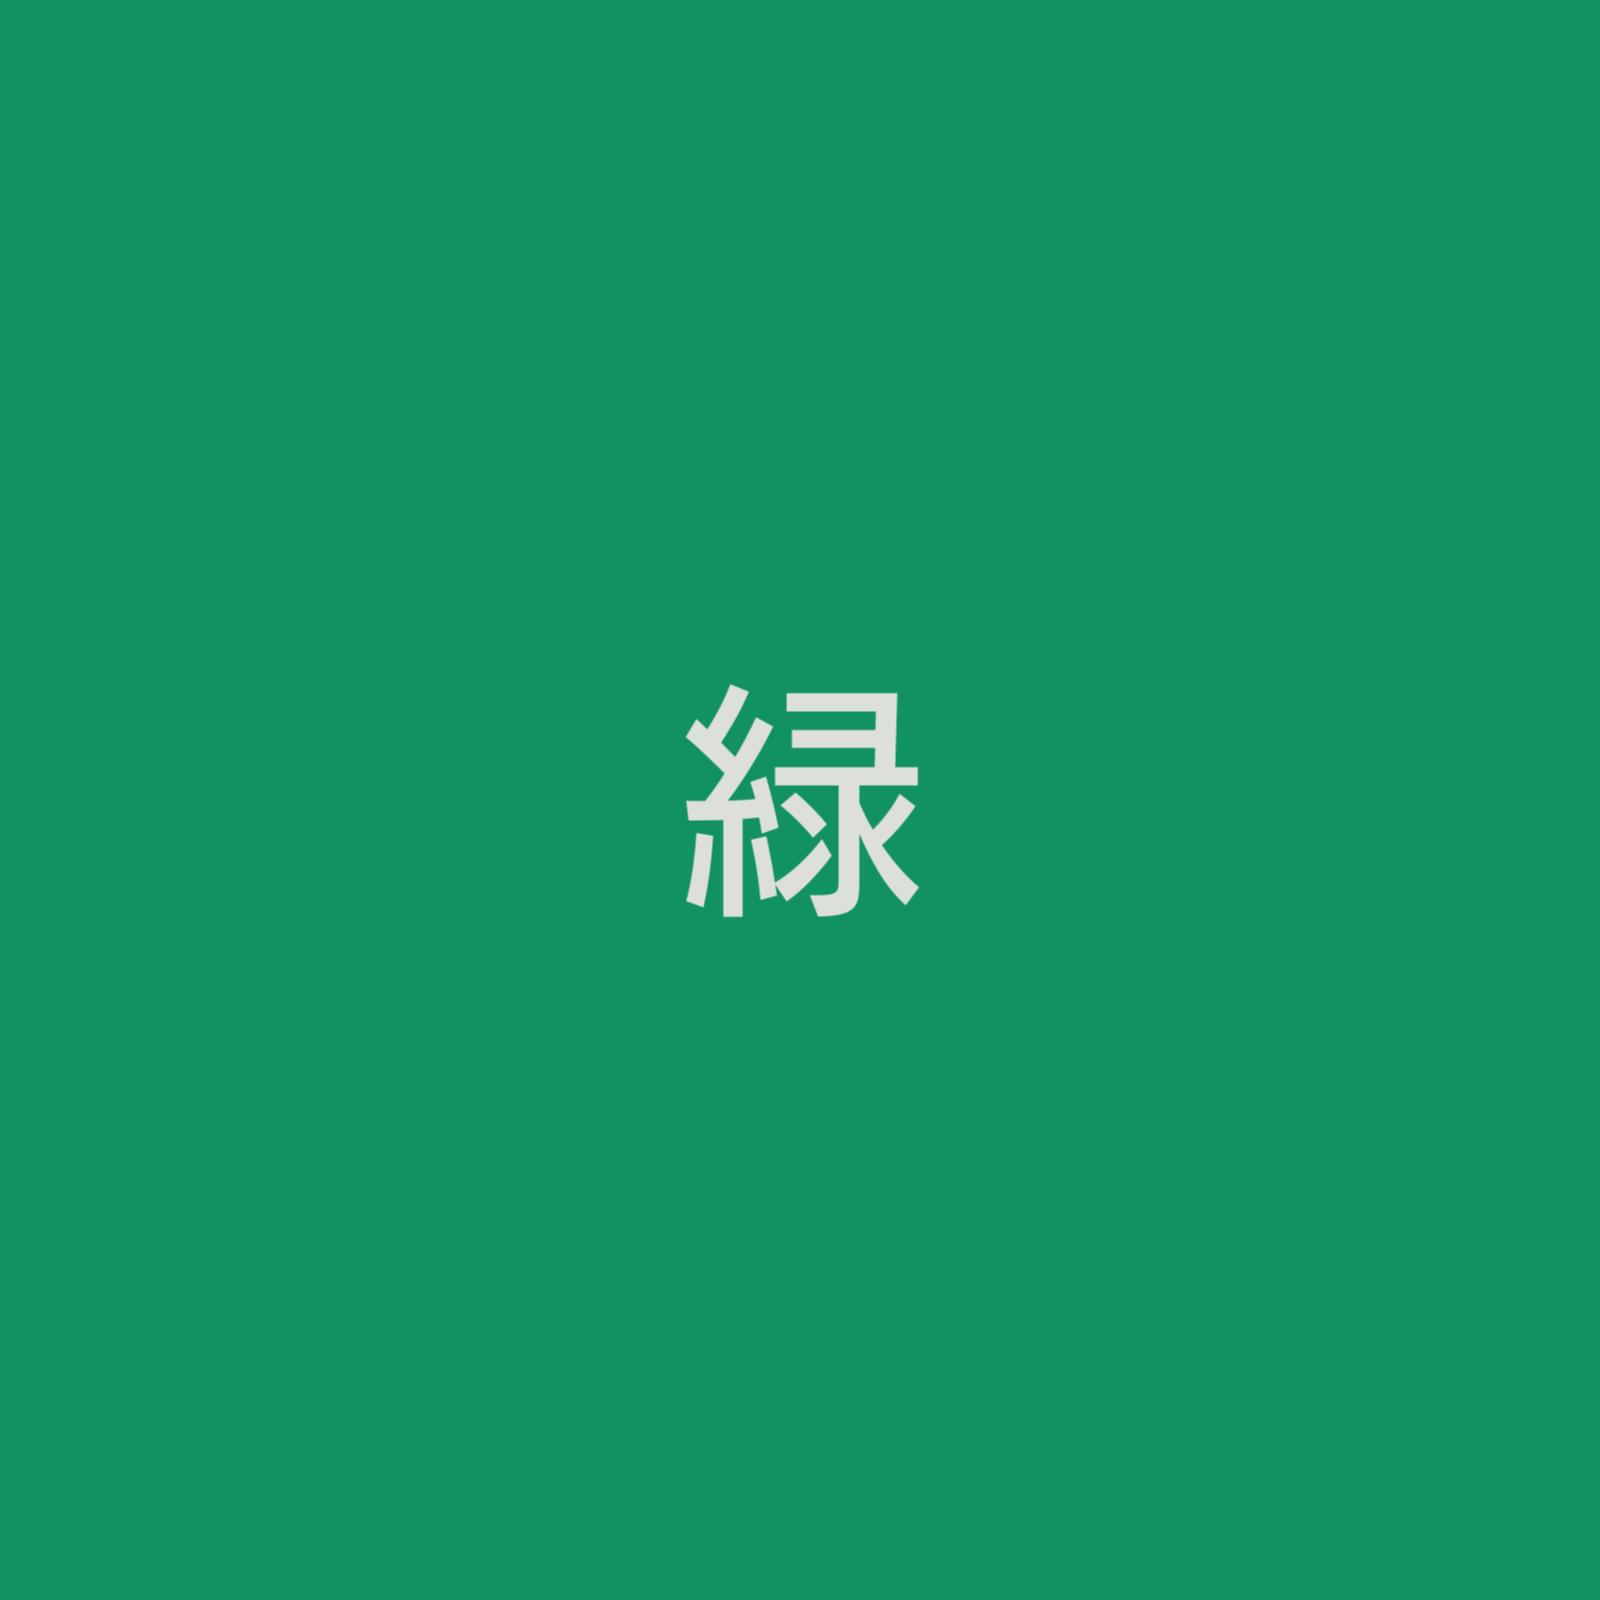 緑の正方形